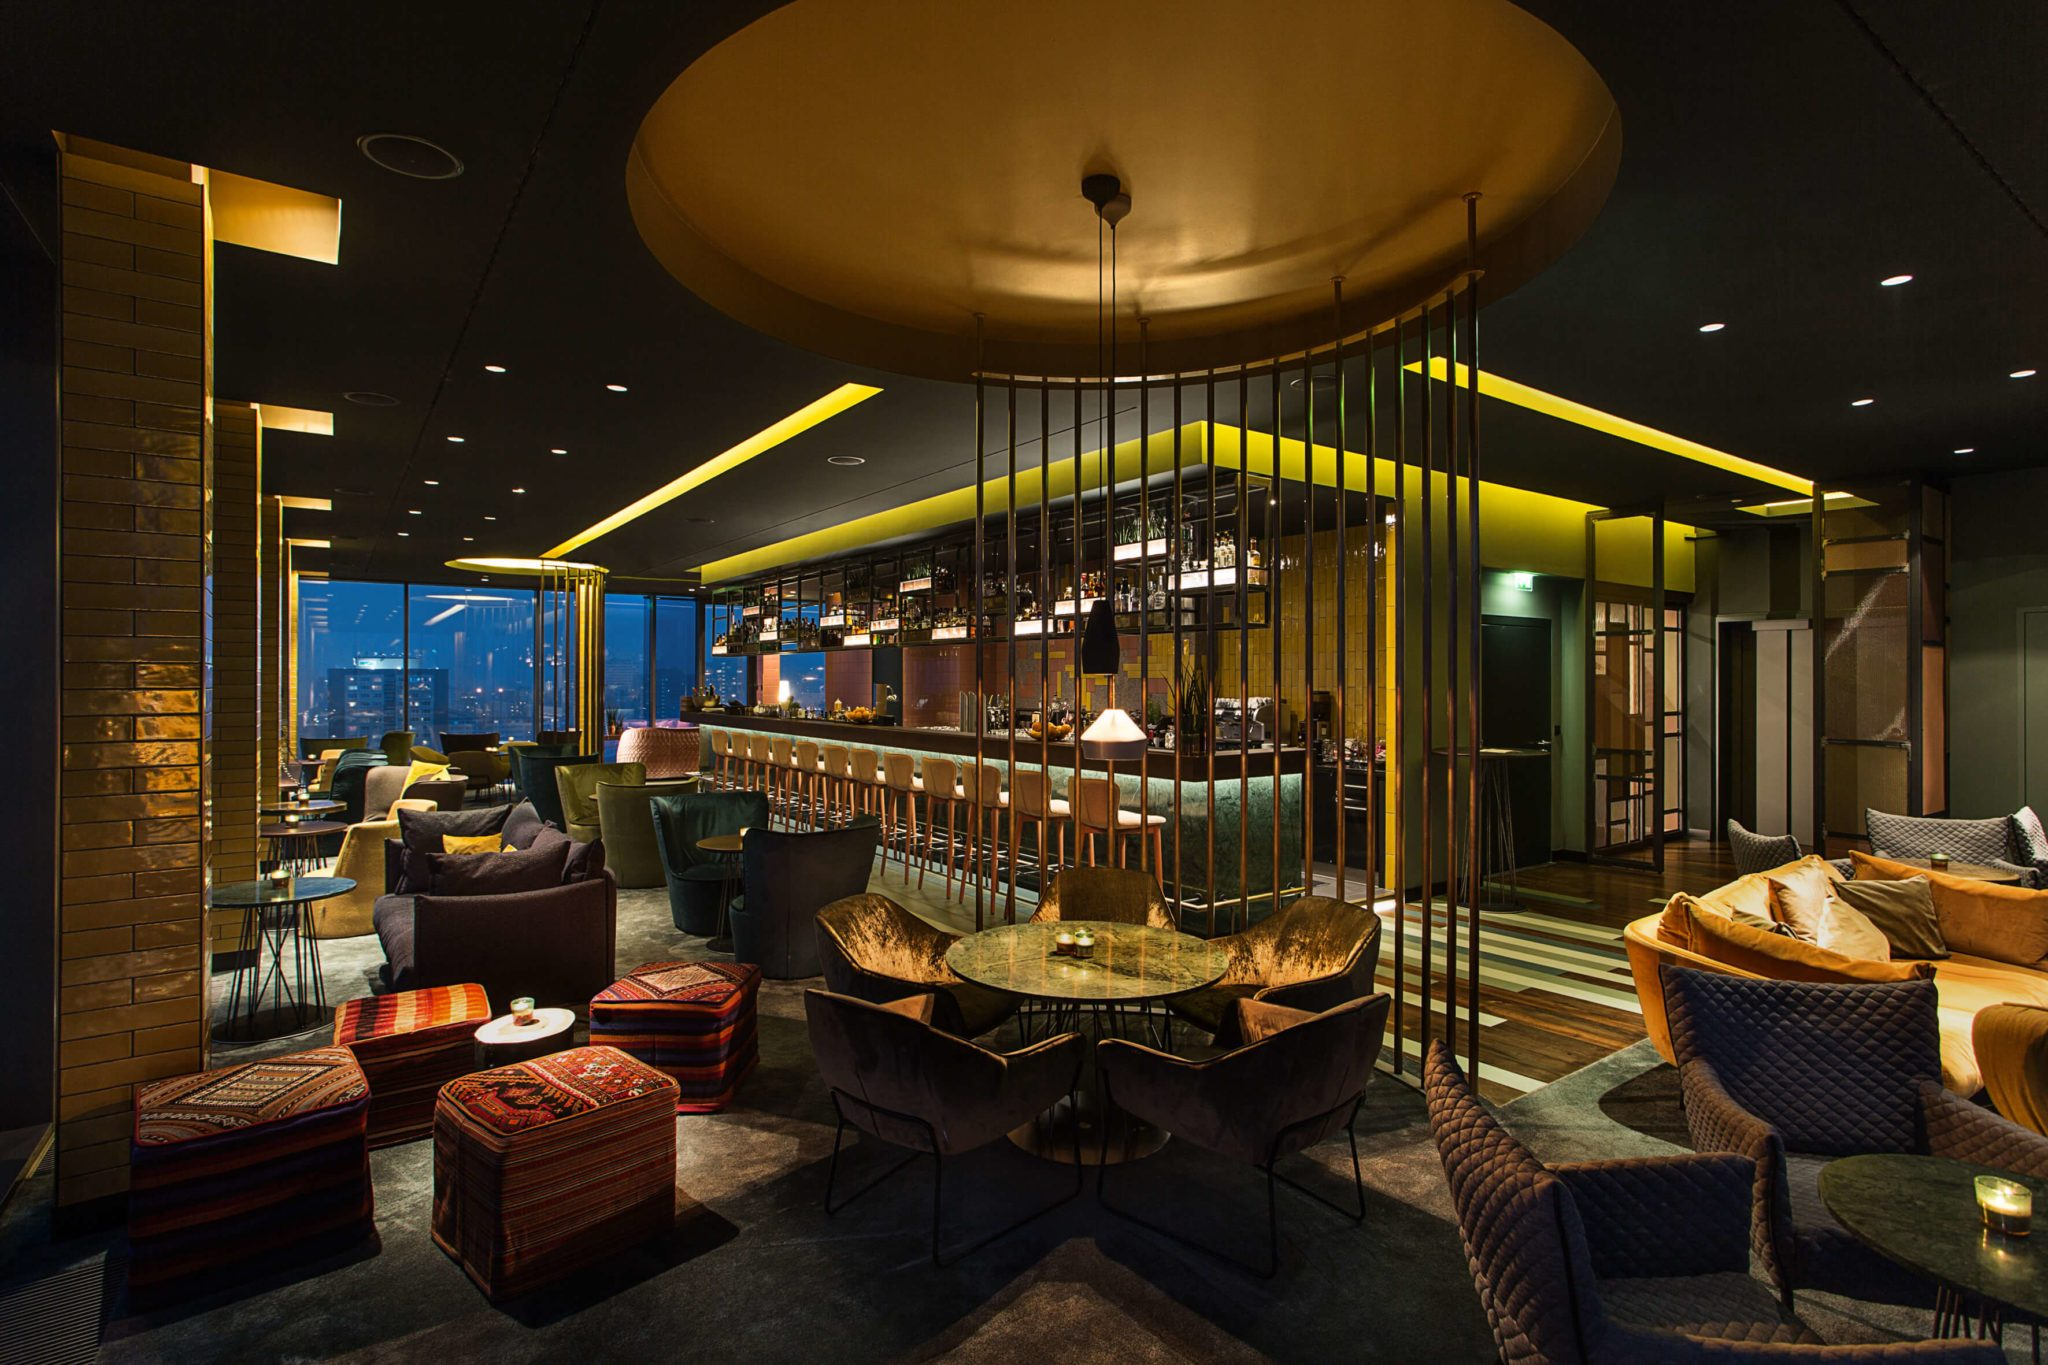 Die schöne Einrichtung in der Loft14 Bar in Berlin